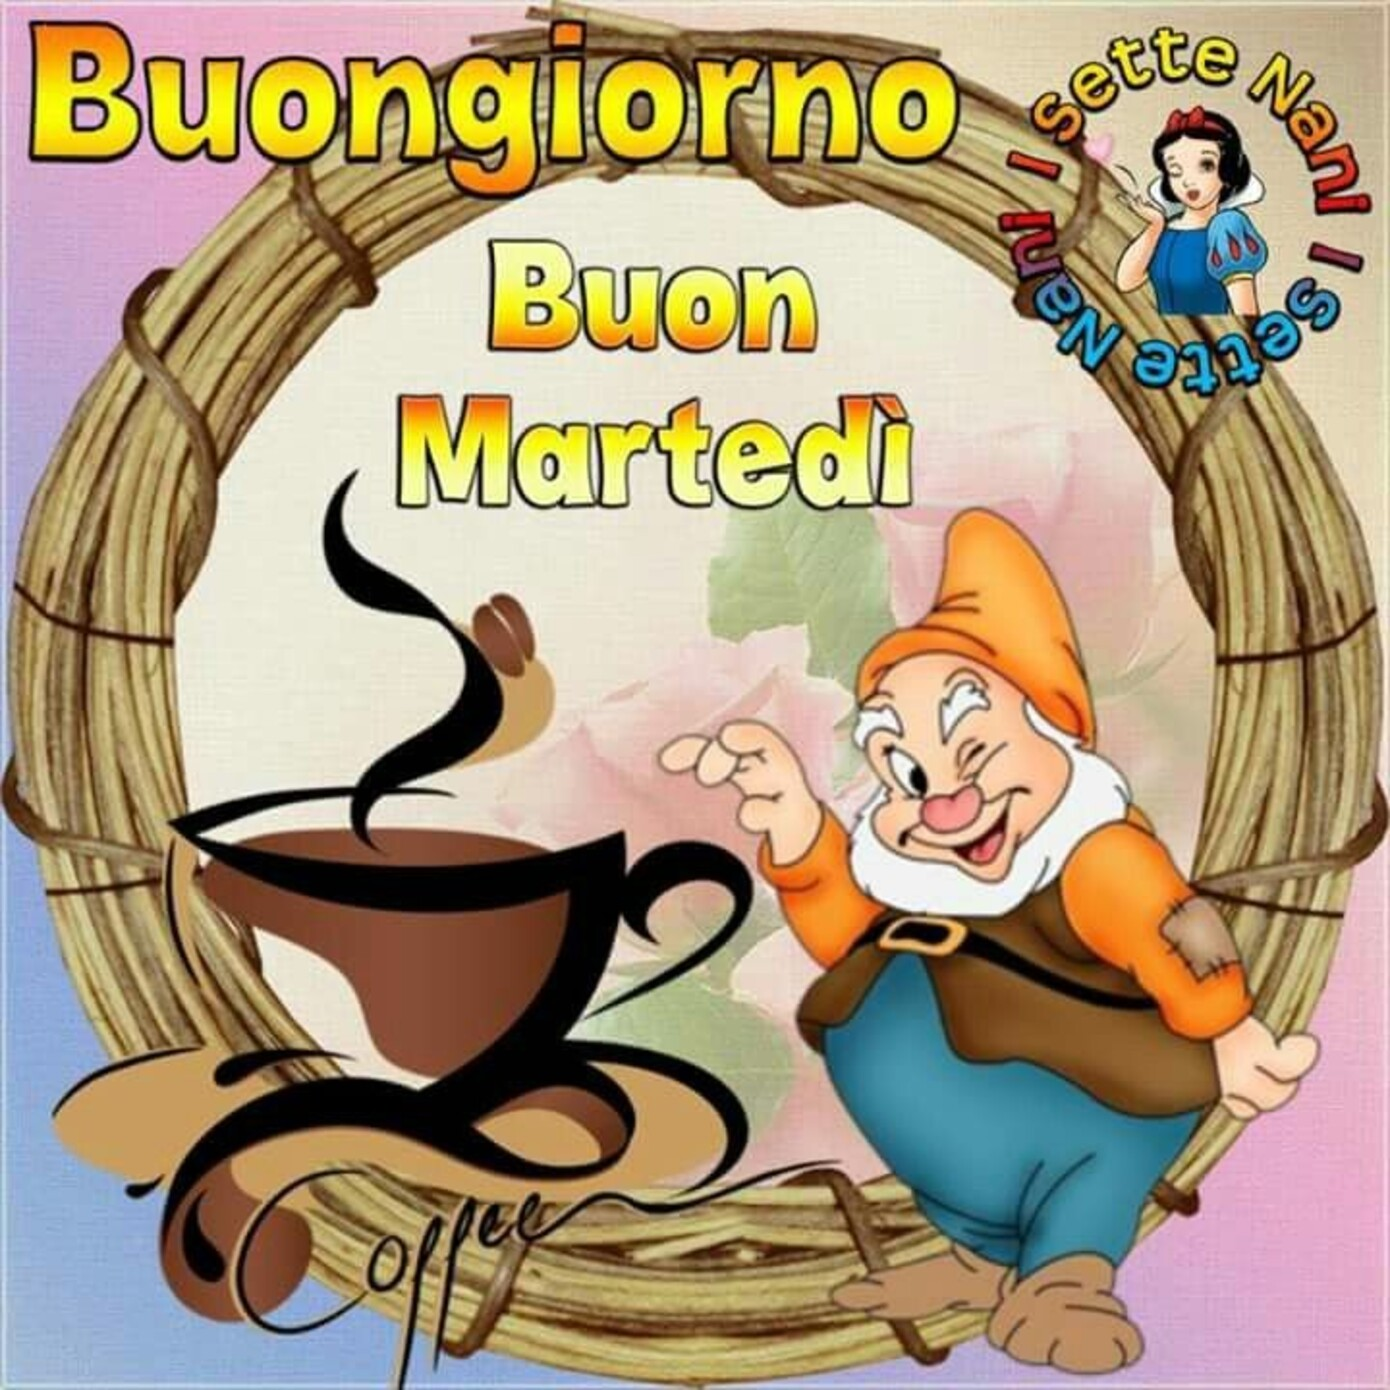 Buongiorno Buon Martedì, caffè?